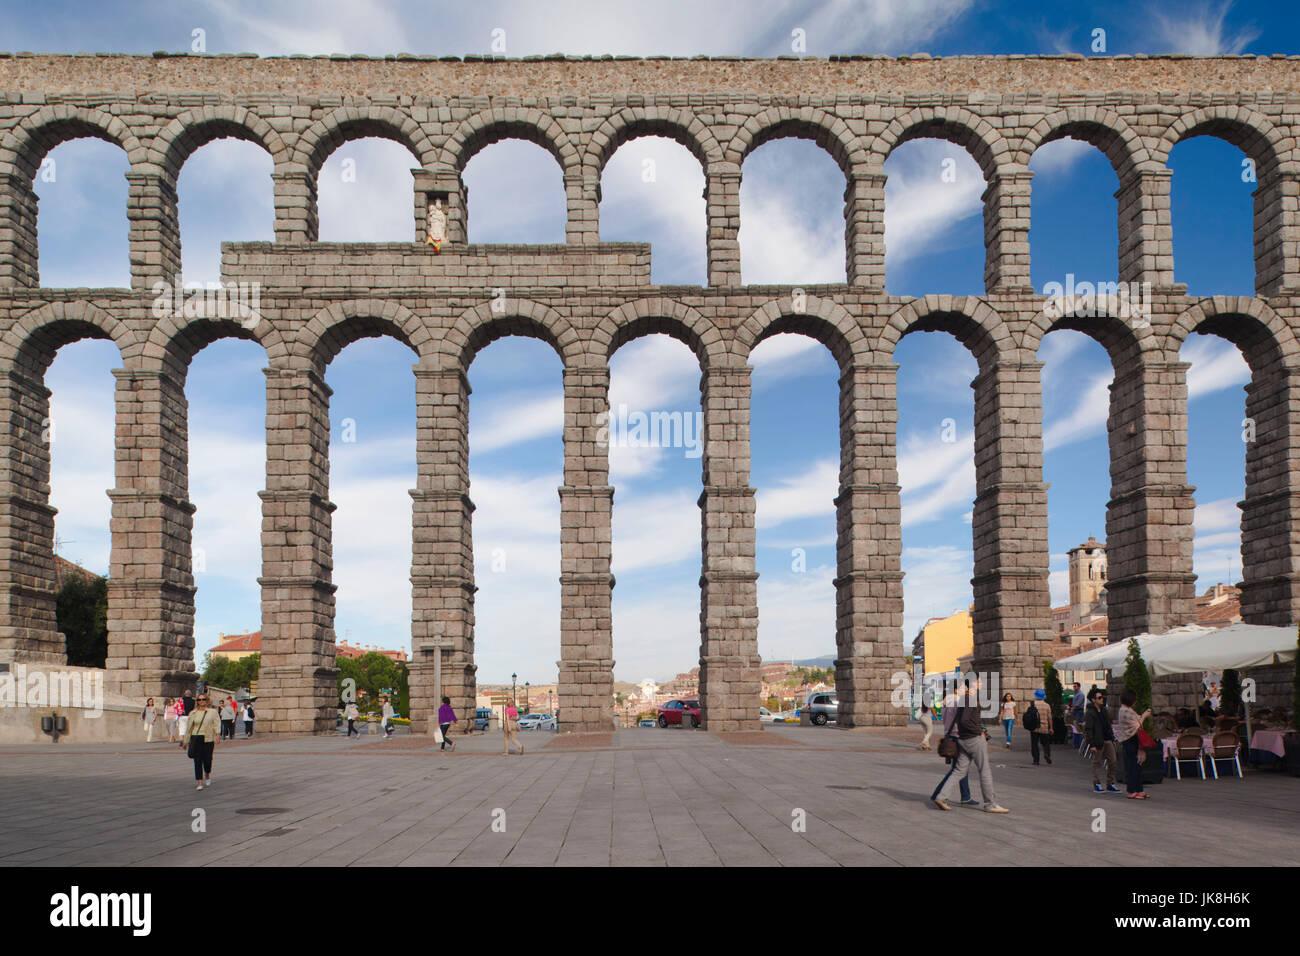 Spain, Castilla y Leon Region, Segovia Province, Segovia, El Acueducto, Roman aqueduct - Stock Image